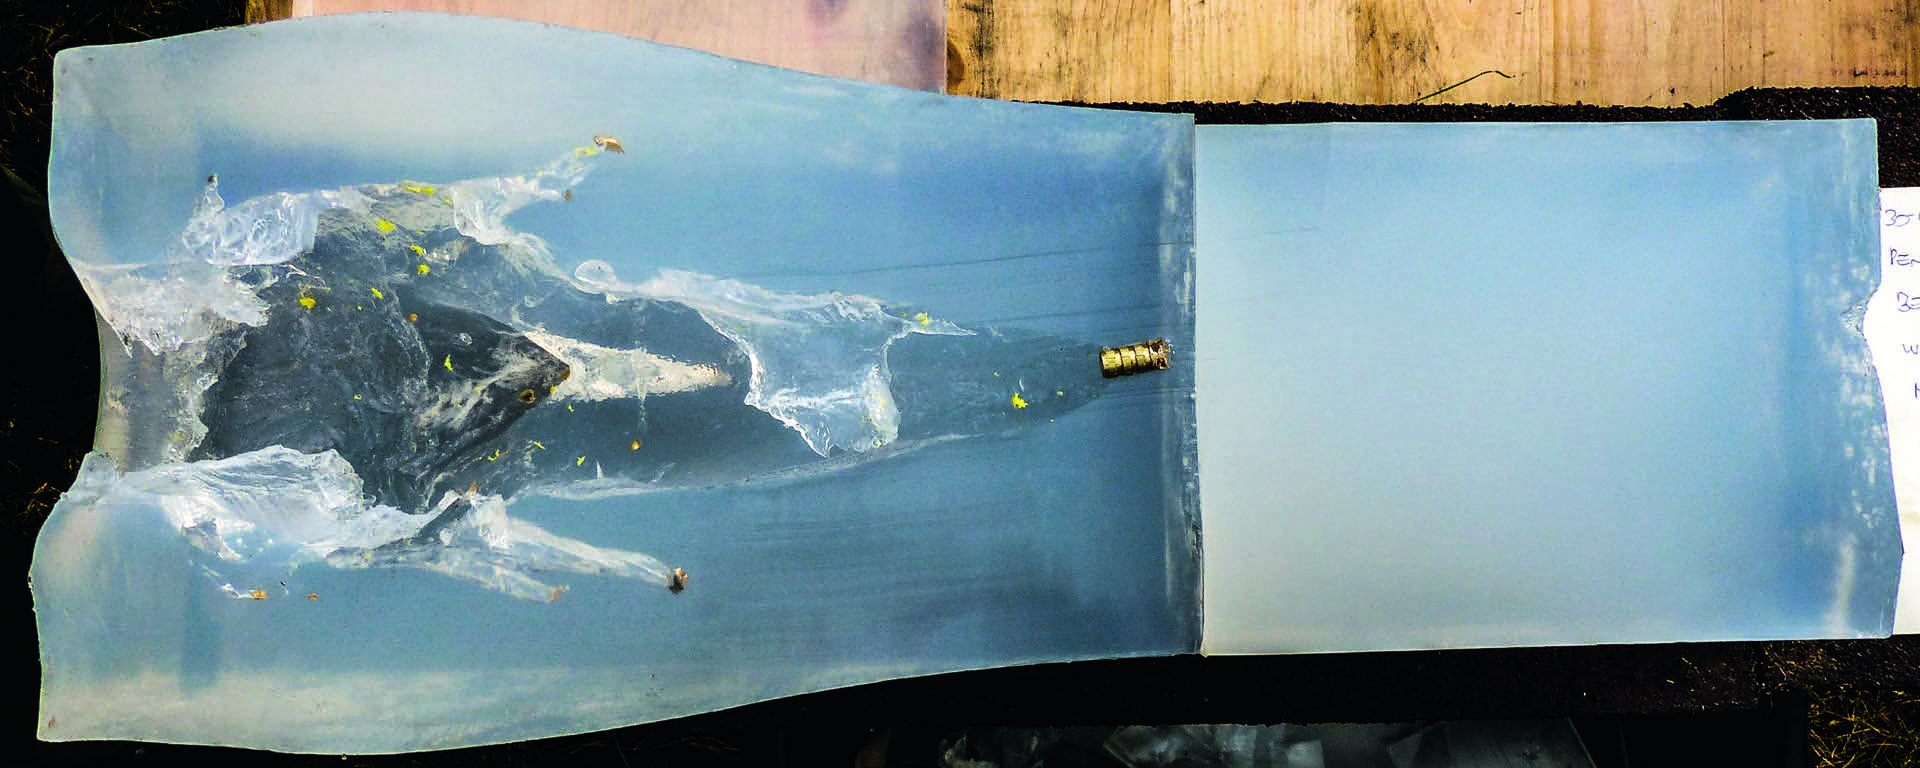 KB 2e Bild 10_RWS_Bionic Yellow_Seife jaegermagazin jagd bleifreie munition kaliber beschuss buechse